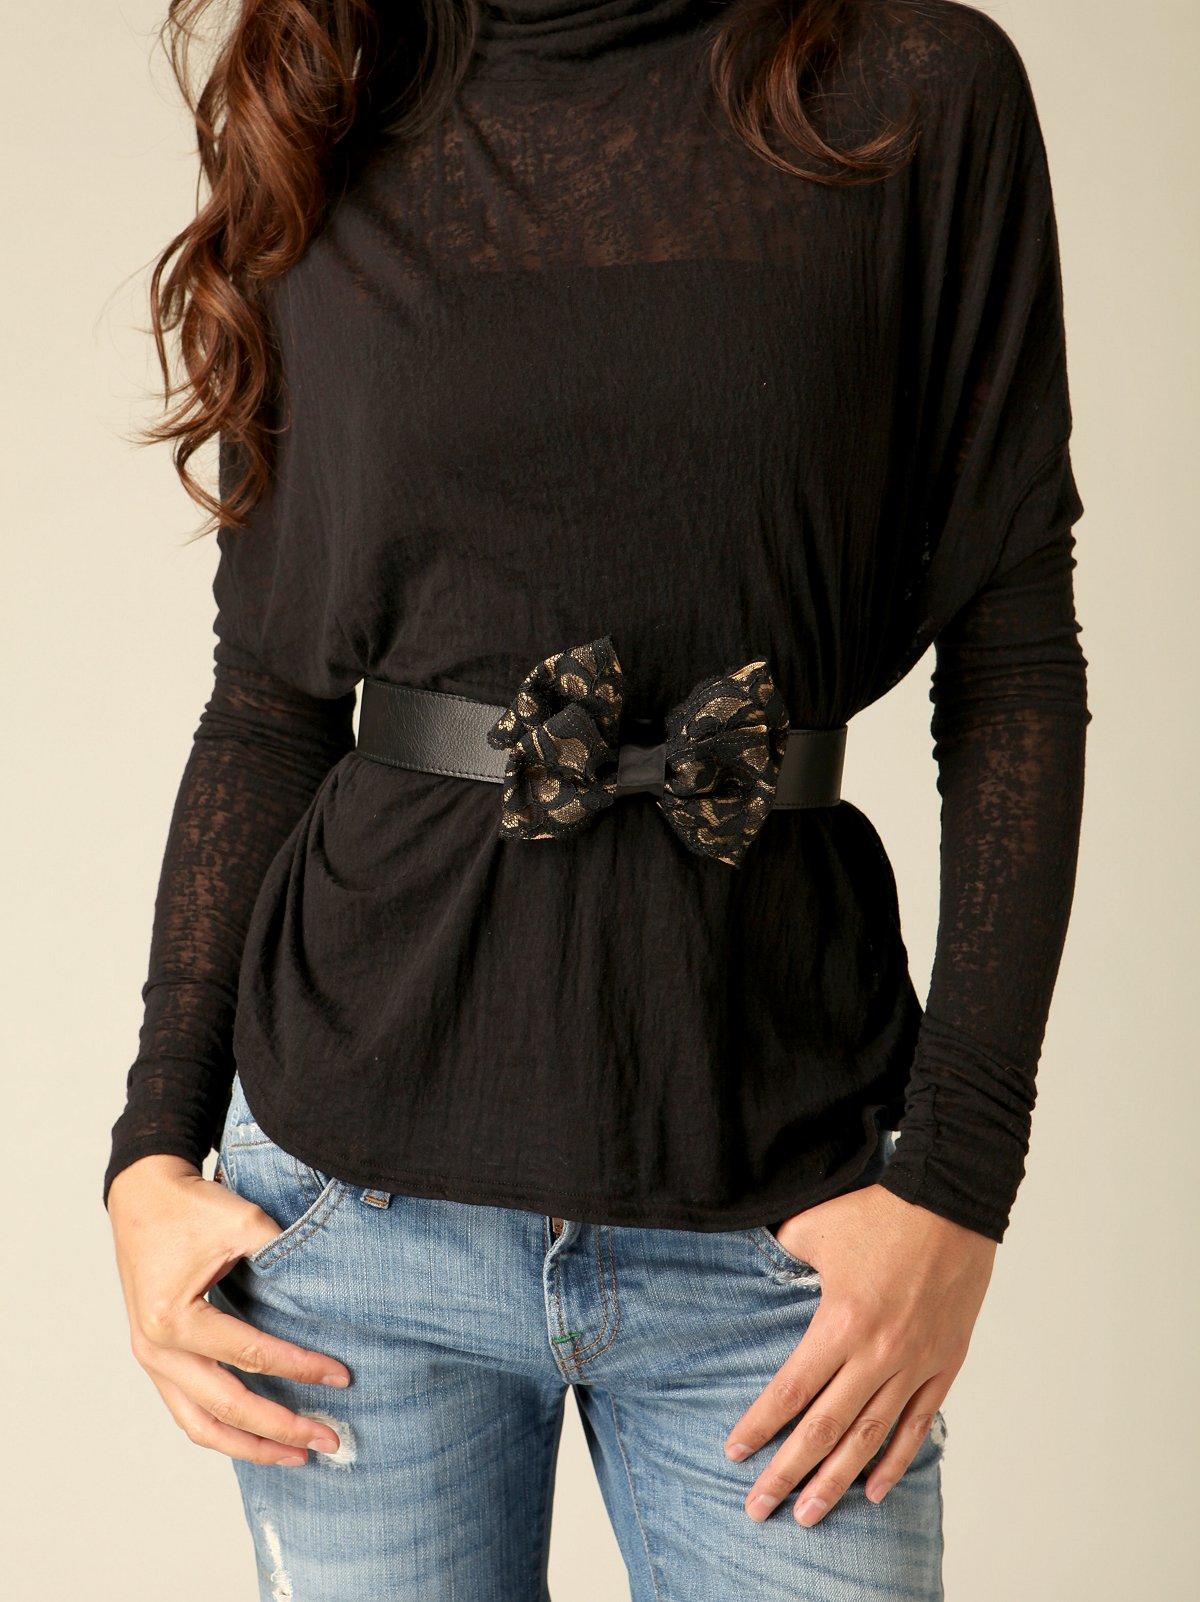 Lace Bow Belt